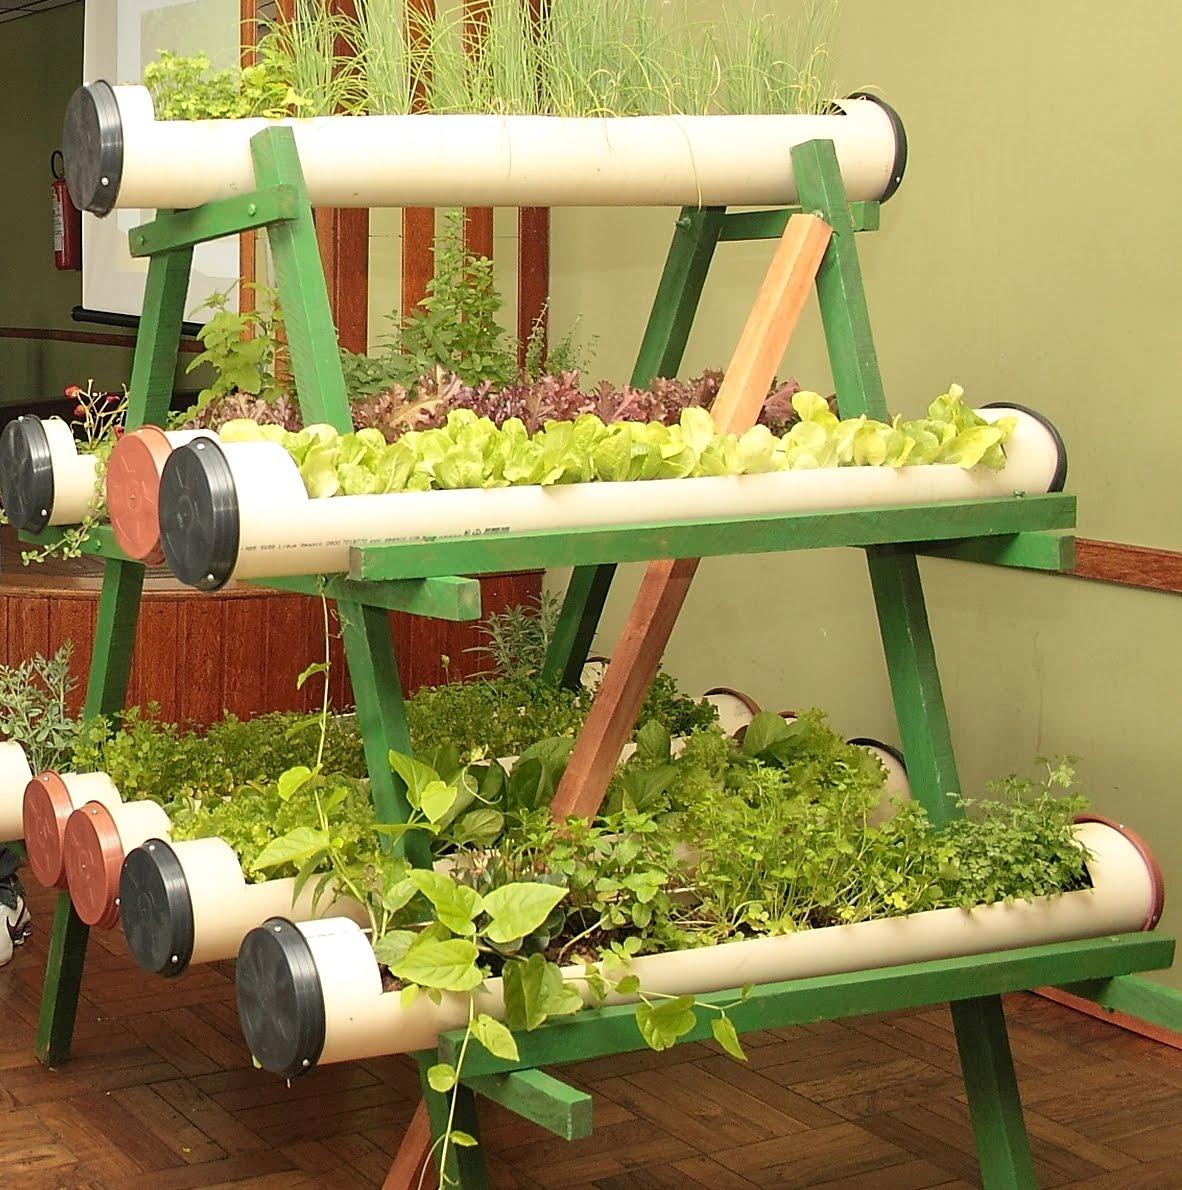 imagens incríveis de hortas feitas em tubos de pvc faça a sua